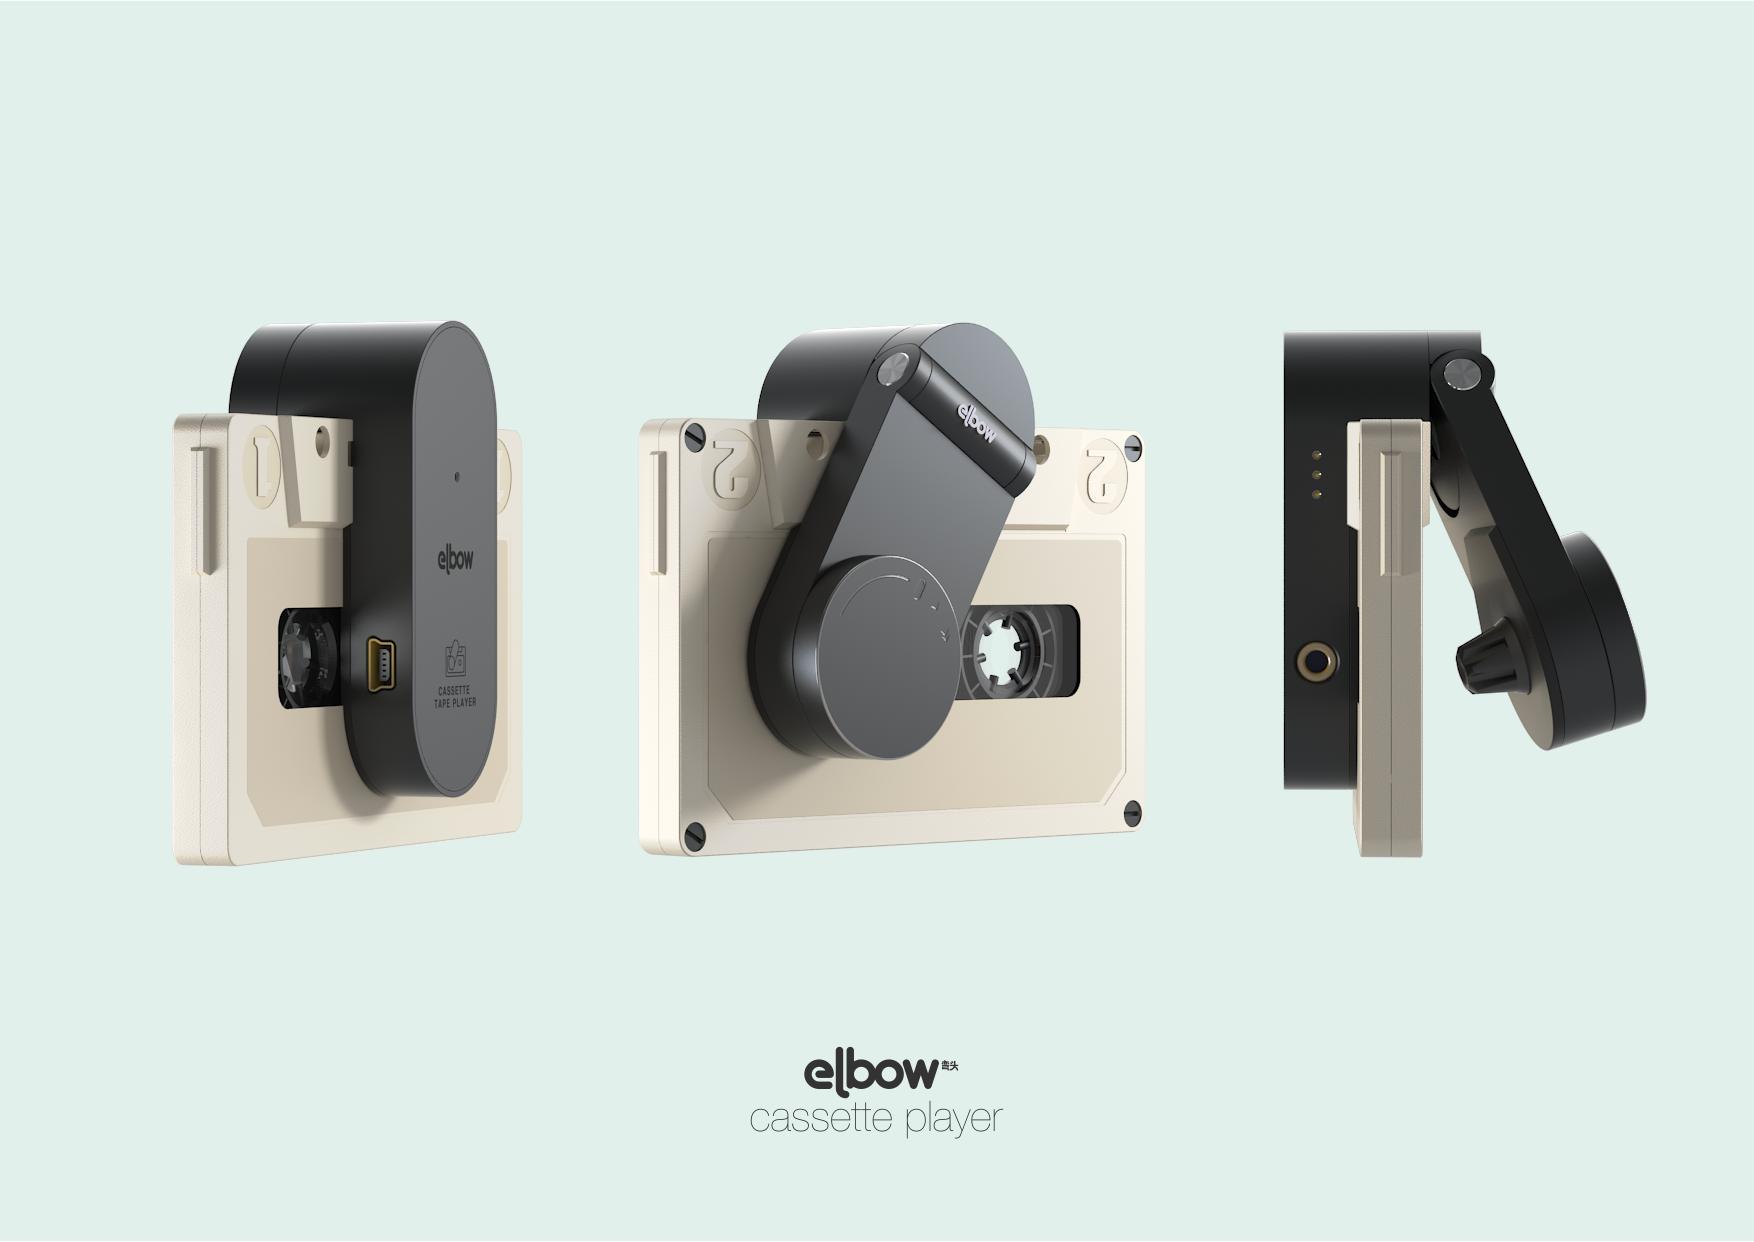 elbow-cassette-04